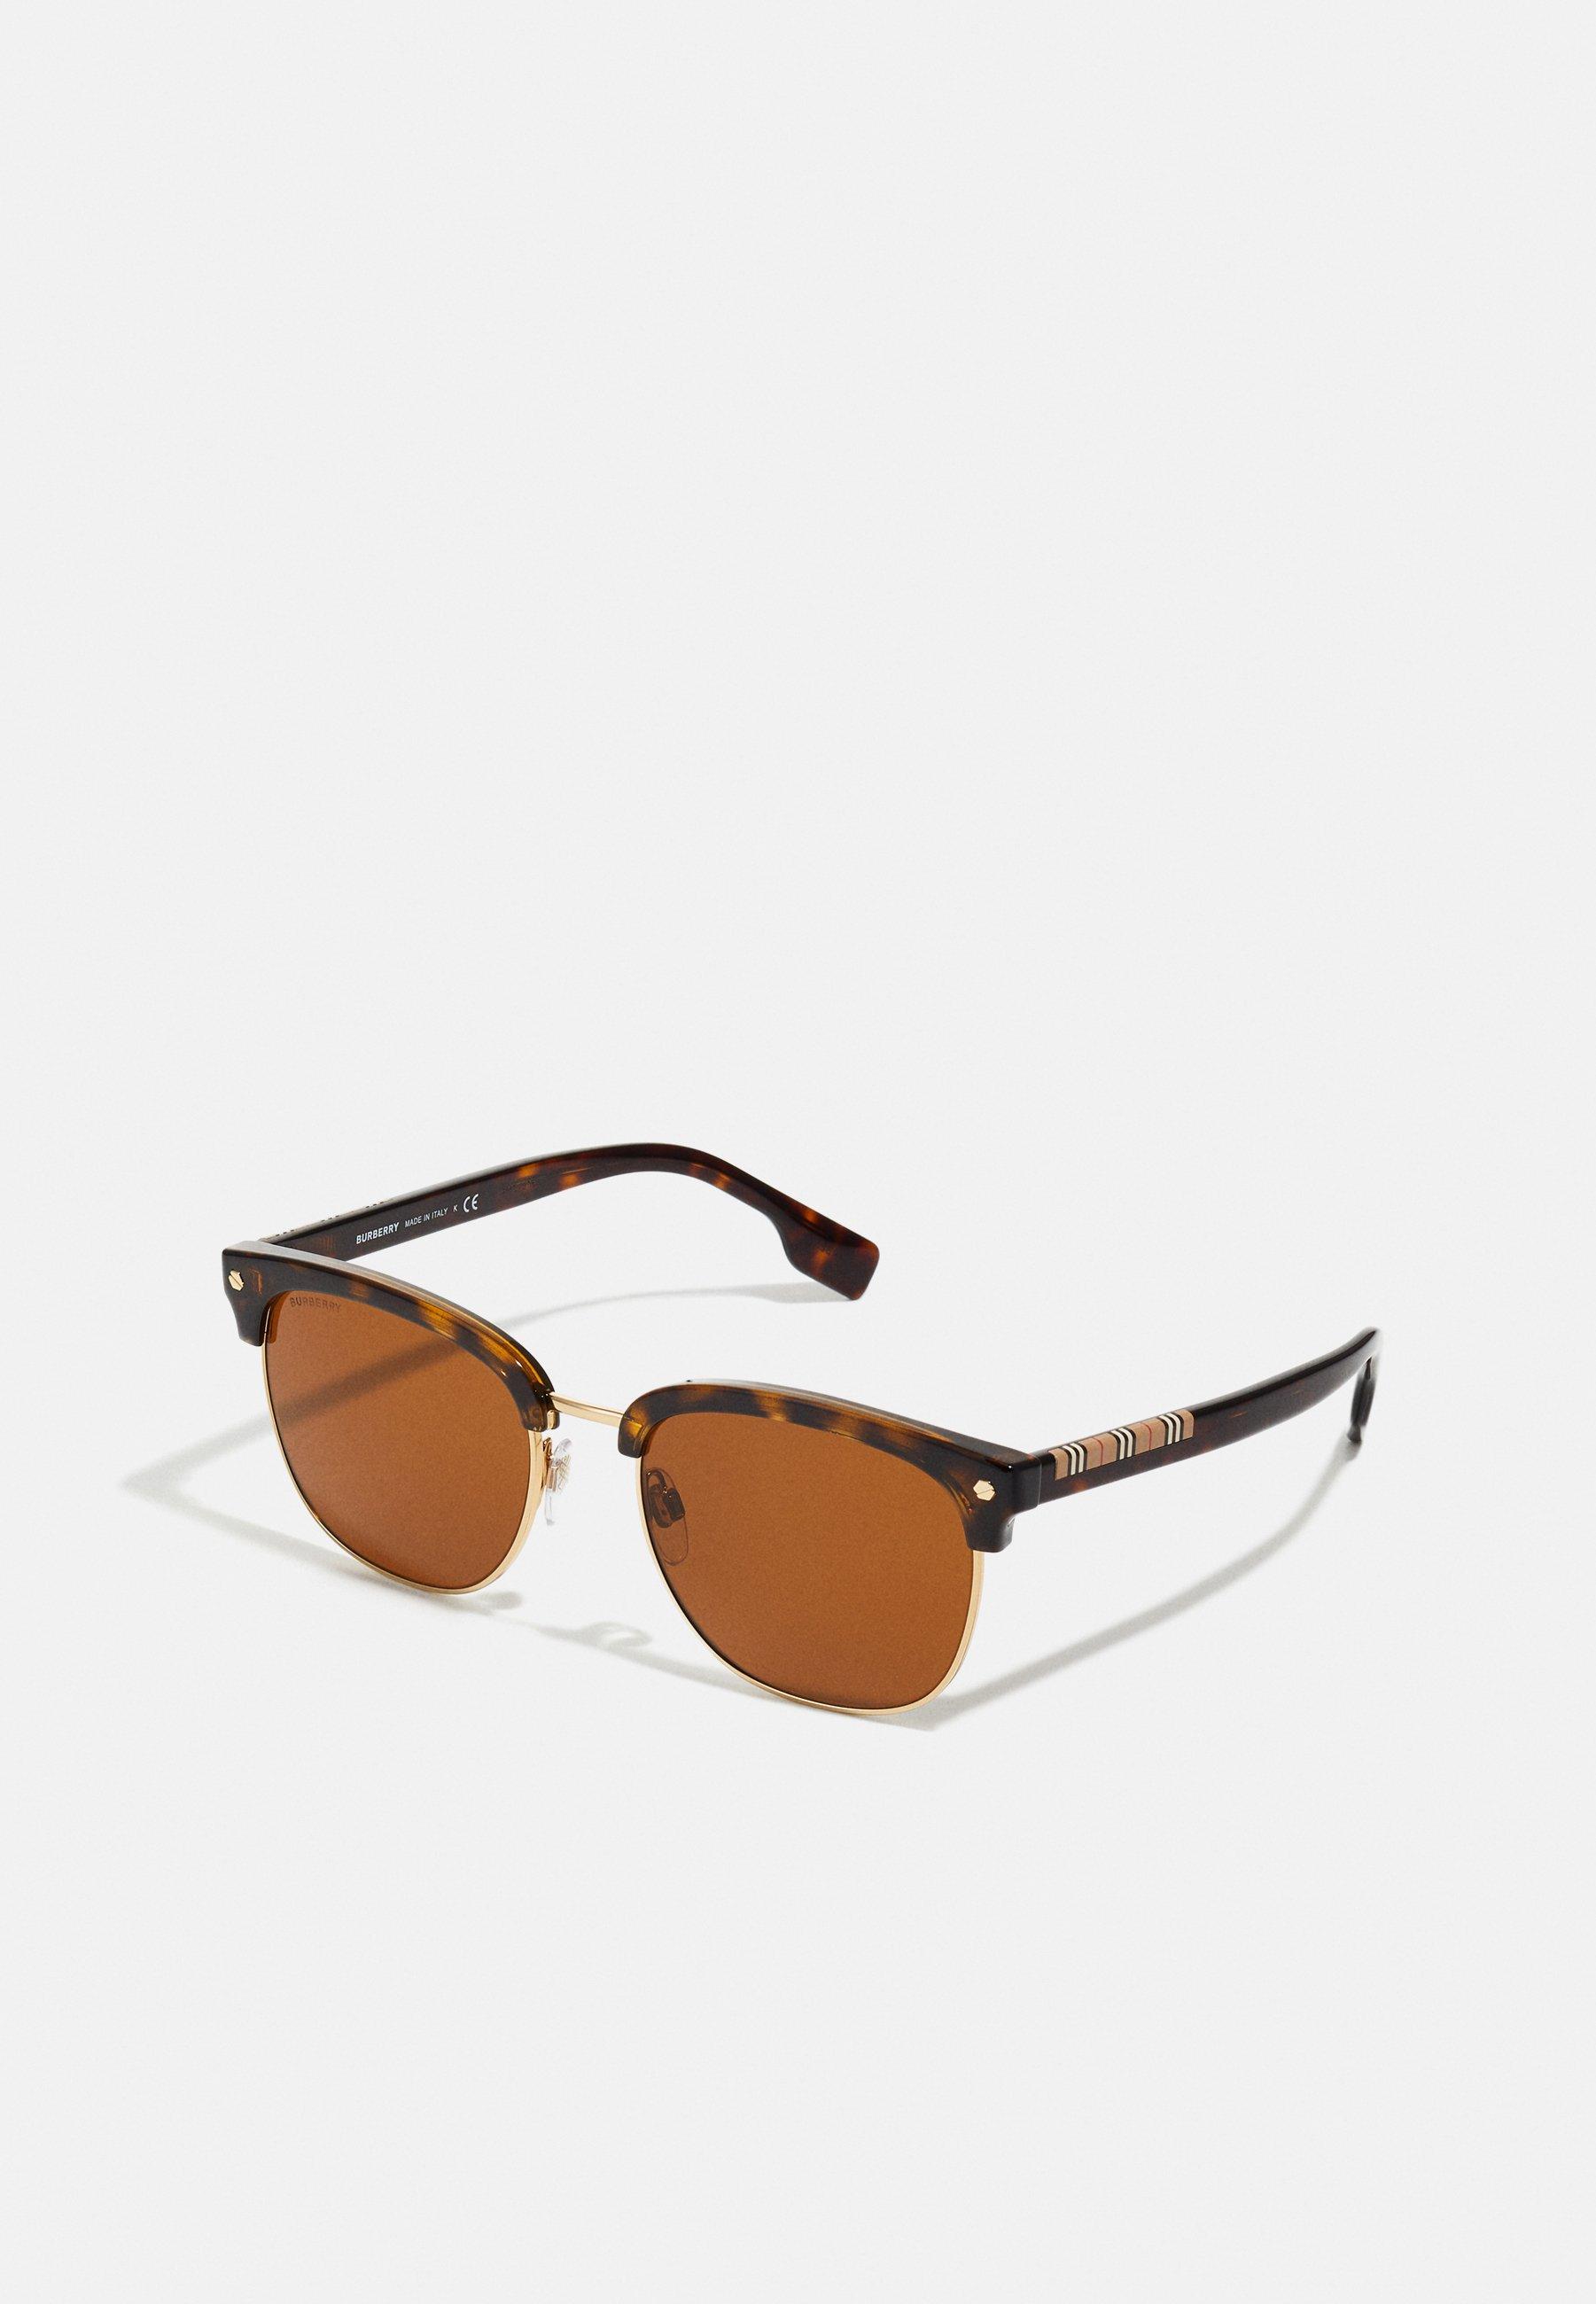 Burberry Sonnenbrille dark havana